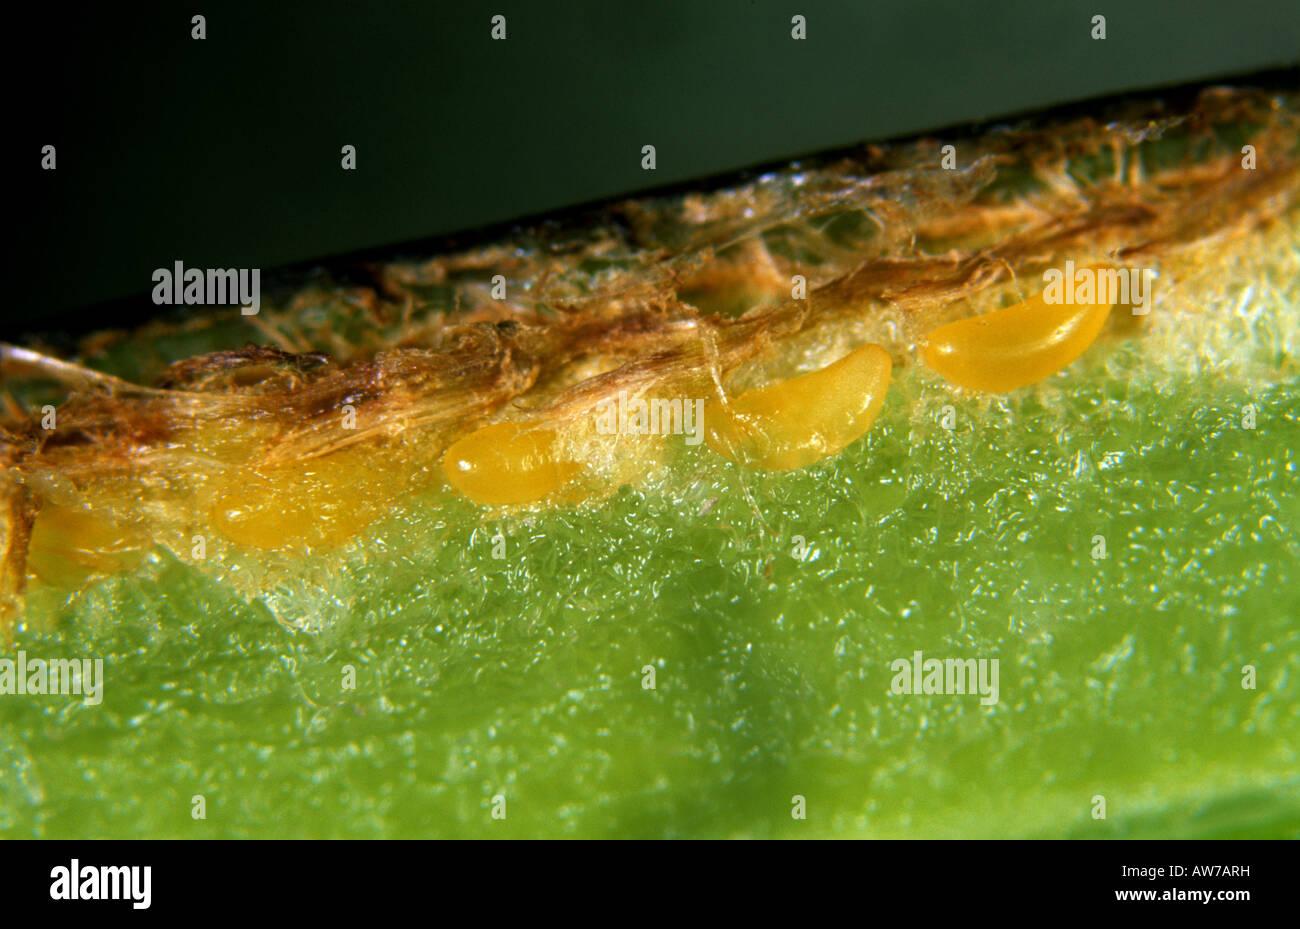 Uova di una variabile rose sawfly Arge pagana prevista all'interno del peduncolo di un fiore rosa Immagini Stock